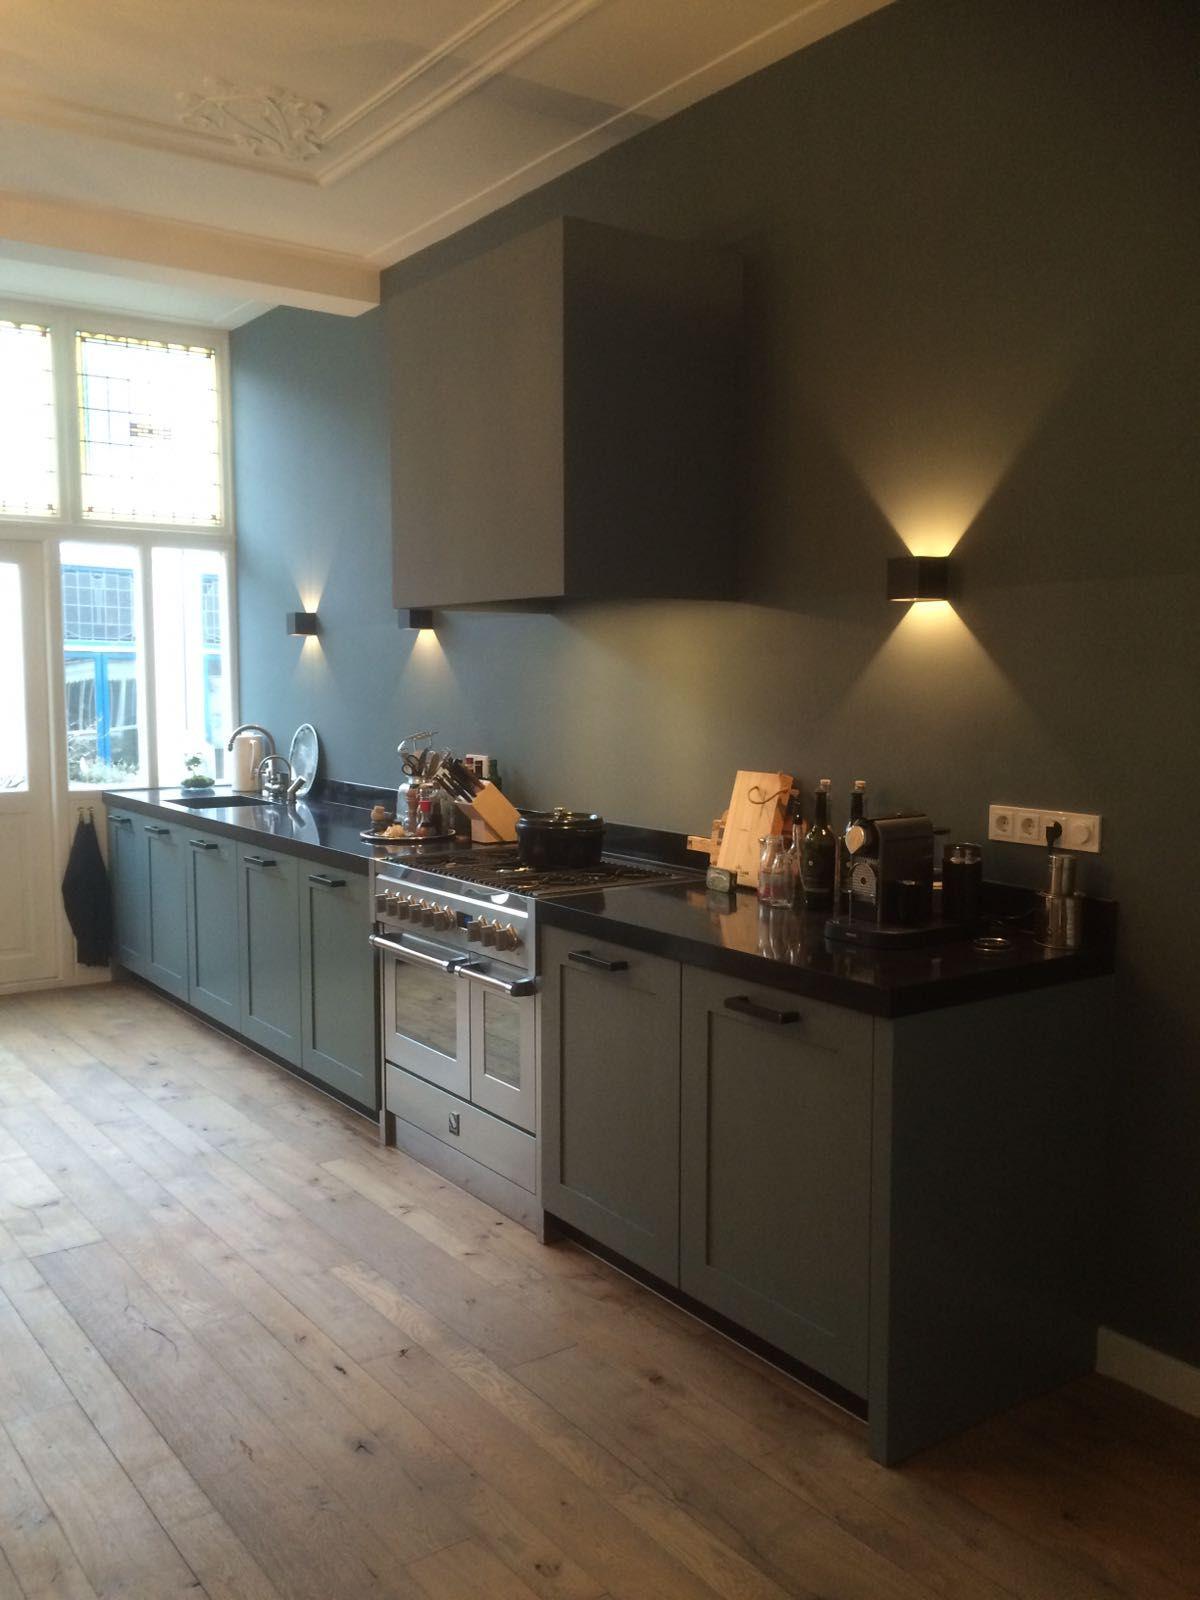 Keuken Met Eiken Kaderfront In Een Mooie Petrol Kleur Made By Het Culemborgs Keukenhuis Keuken Inspiratie Keuken Keuken Ideeen